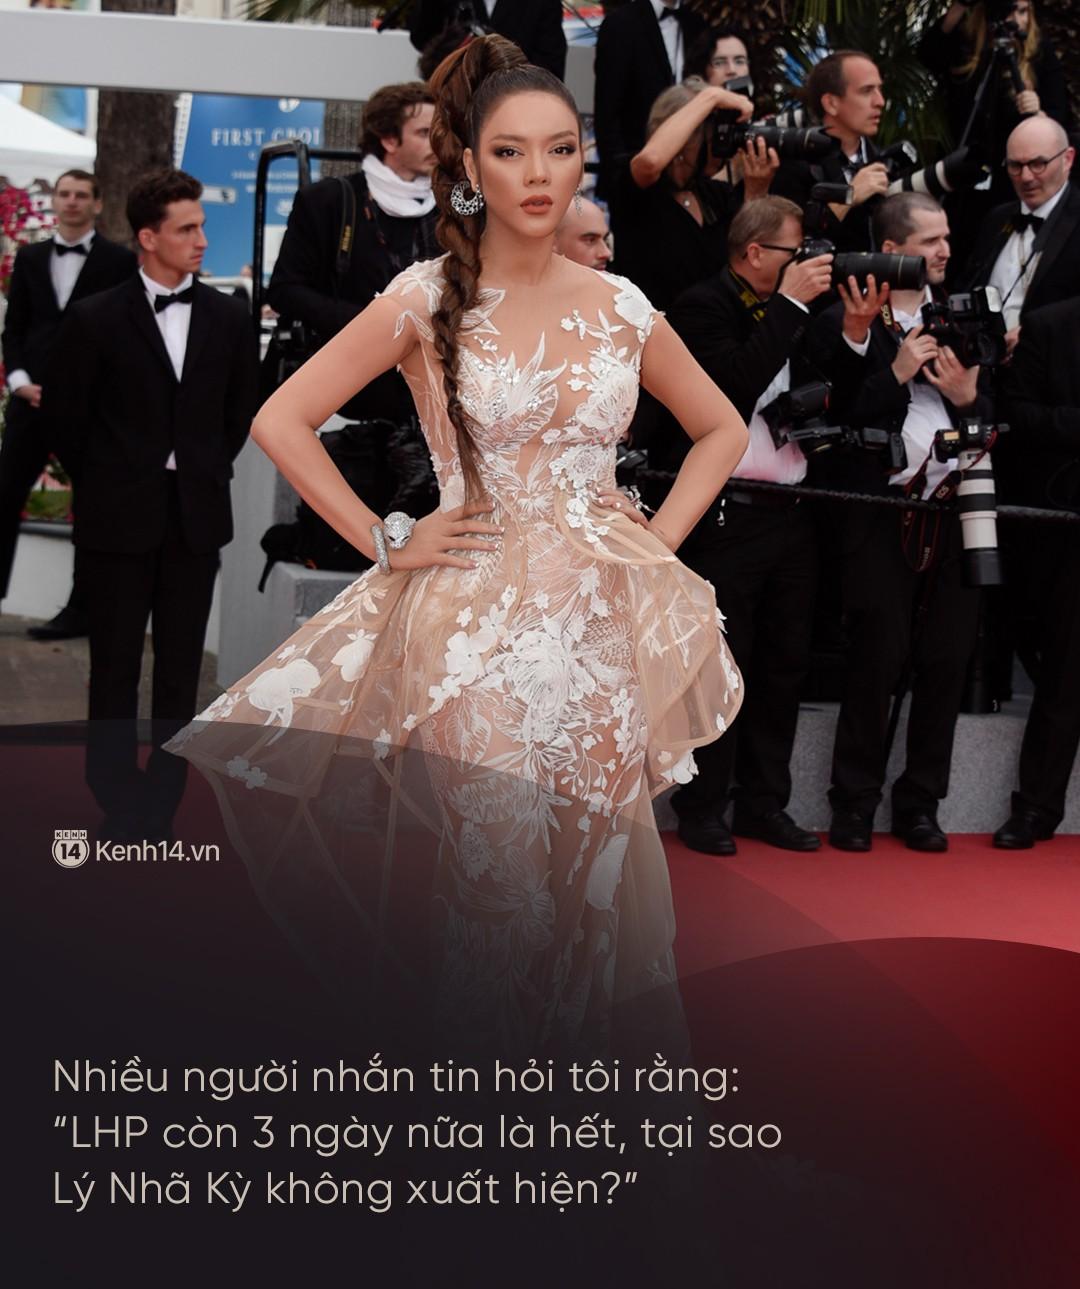 Lý Nhã Kỳ: Tự bỏ tiền túi đi Cannes là ngốc nghếch, thực chất chỉ làm khán giả vô danh - Ảnh 2.